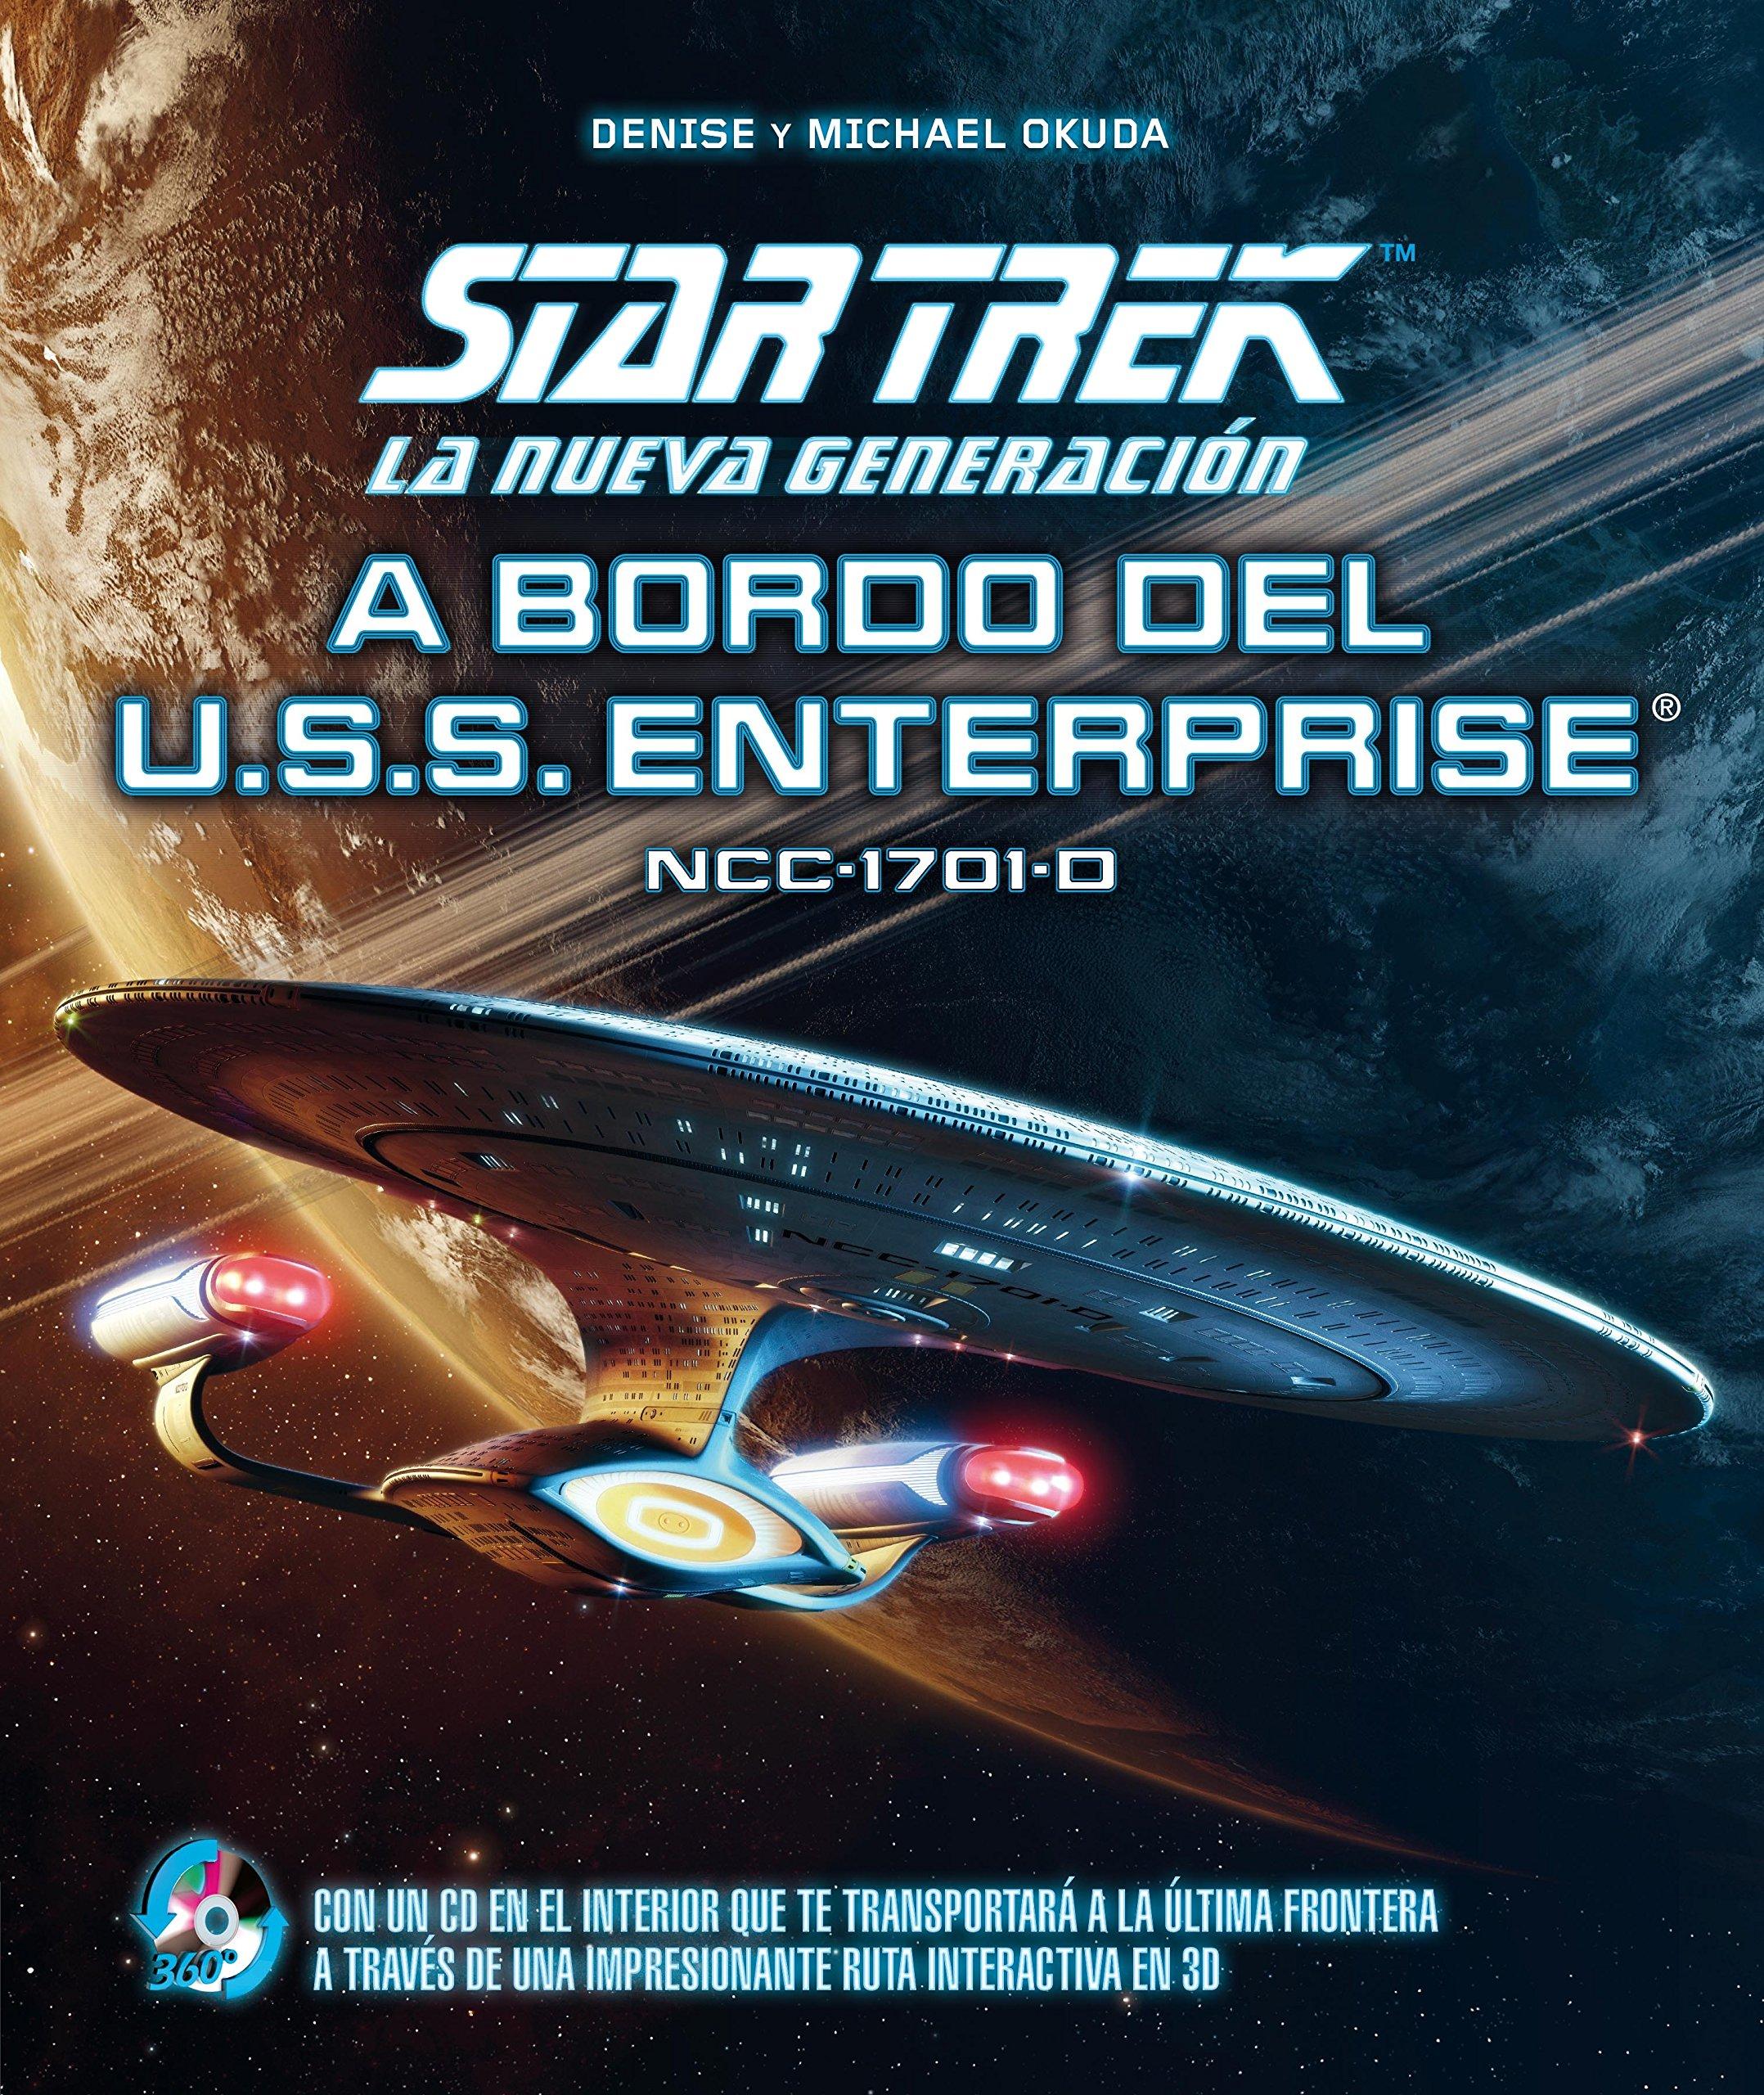 Star Trek: La Nueva Generación - A bordo del U.S.S. Enterprise NCC-1701-D